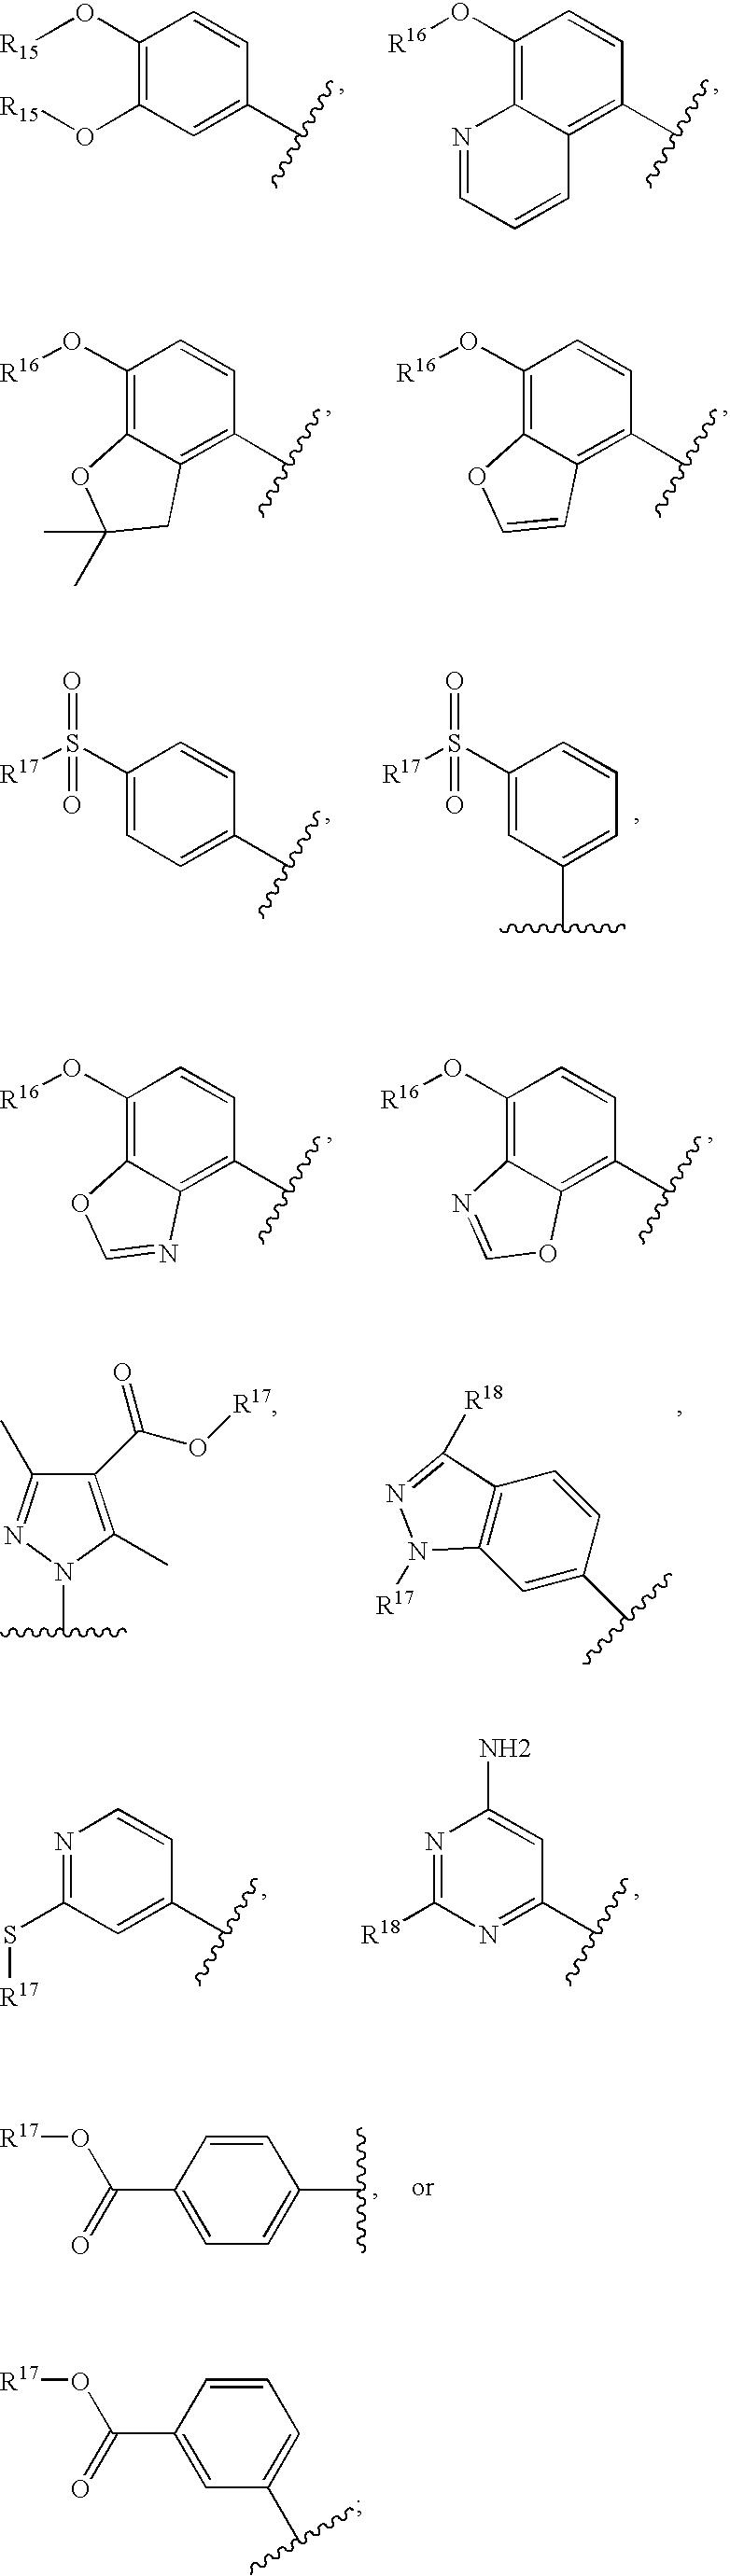 Figure US07605168-20091020-C00015